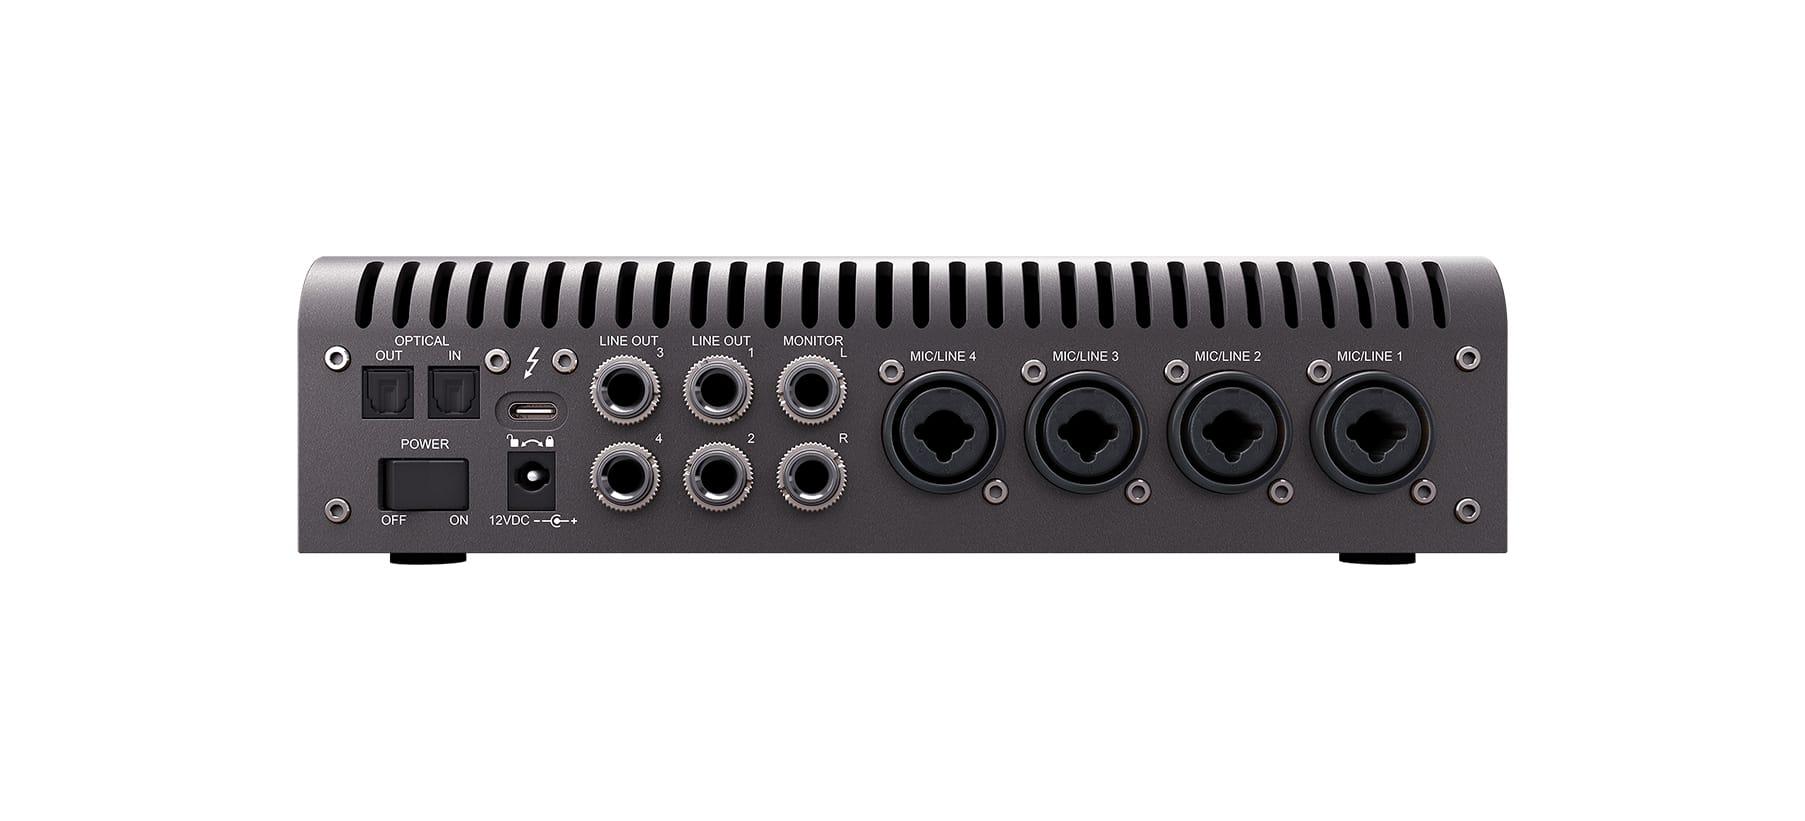 Universal Audio Apollo x4 interfaccia hardware studio pro home project audiofader